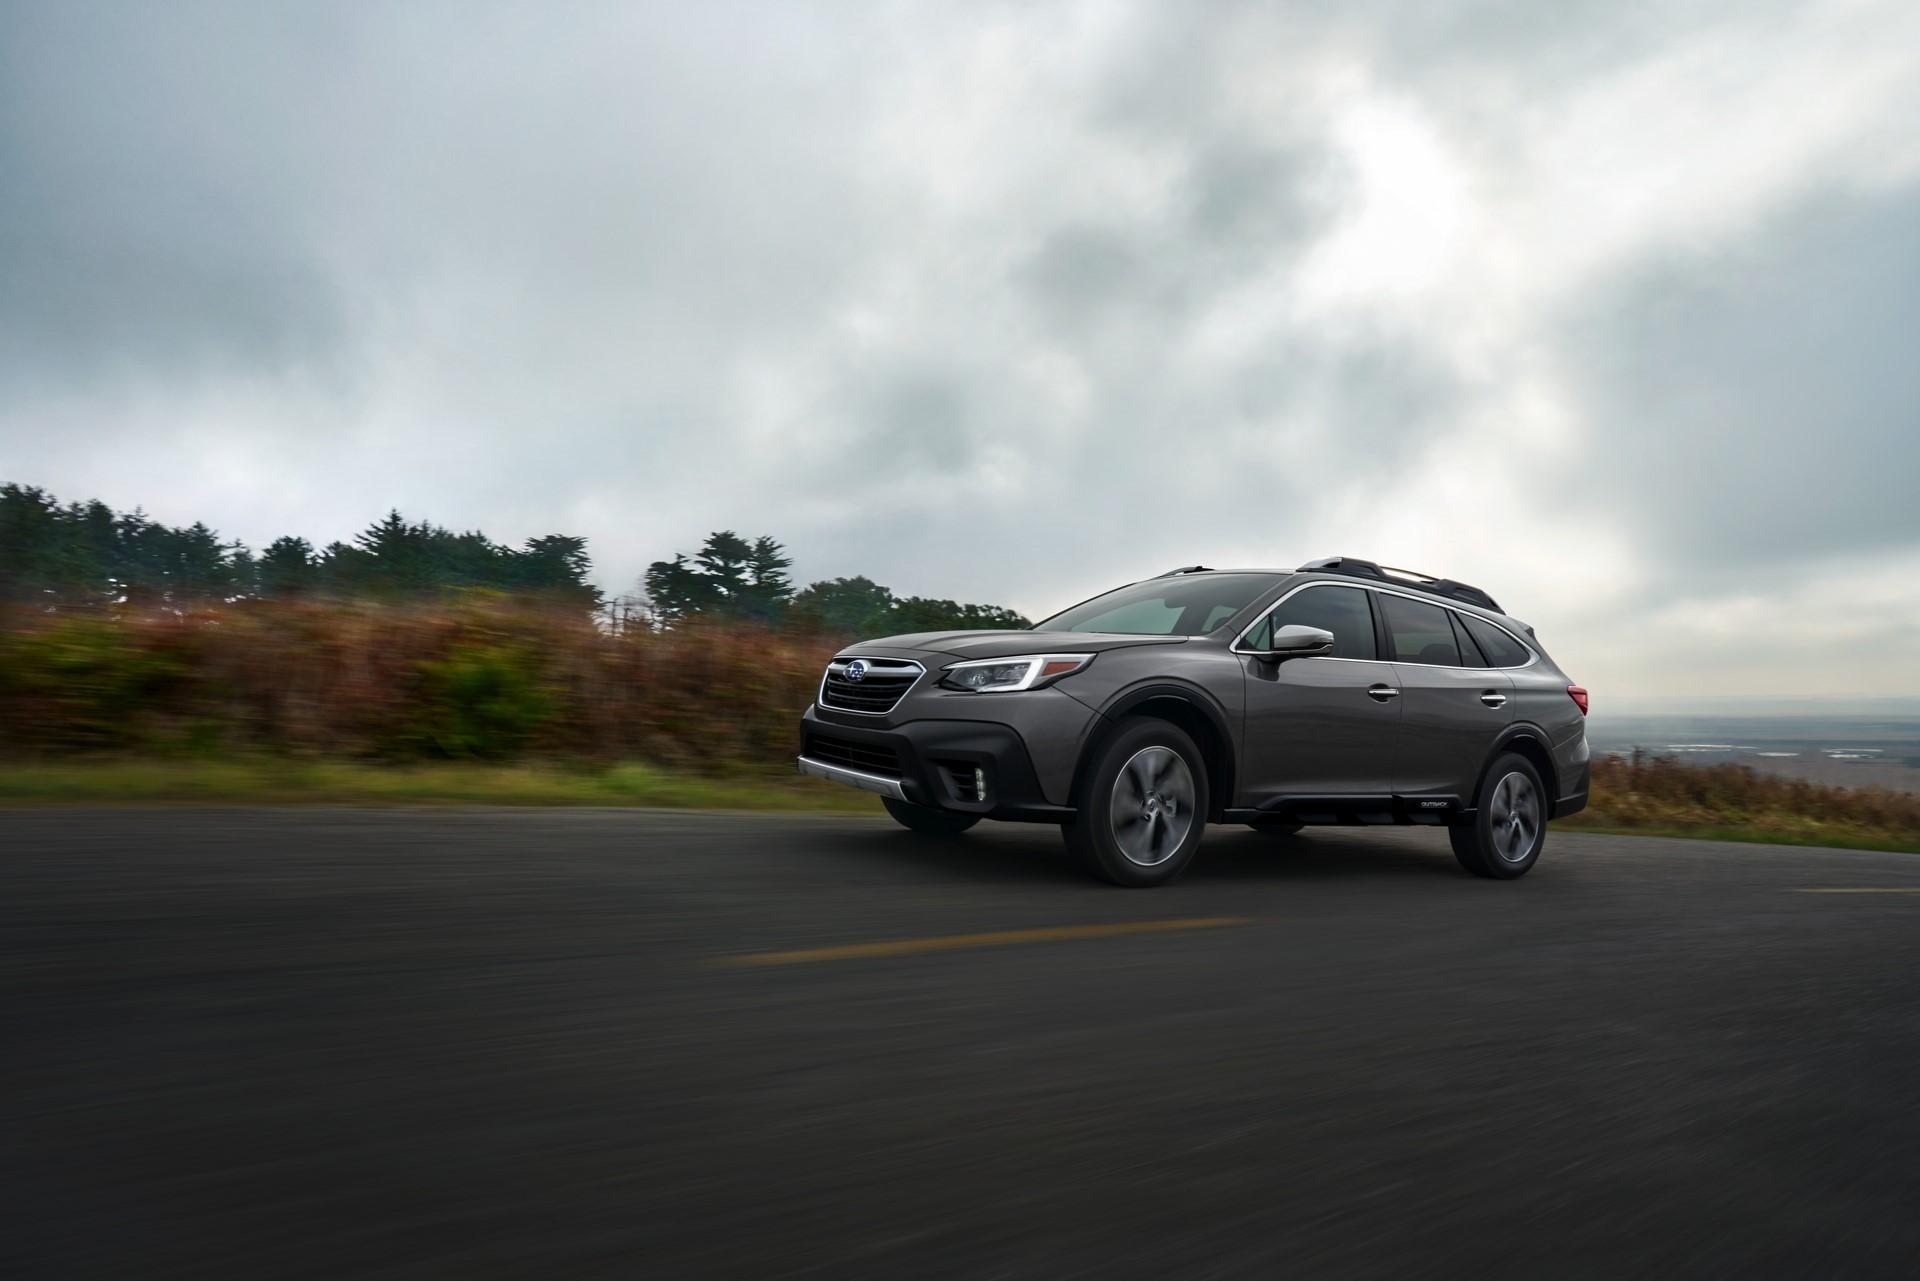 Subaru-Outback-2020-7